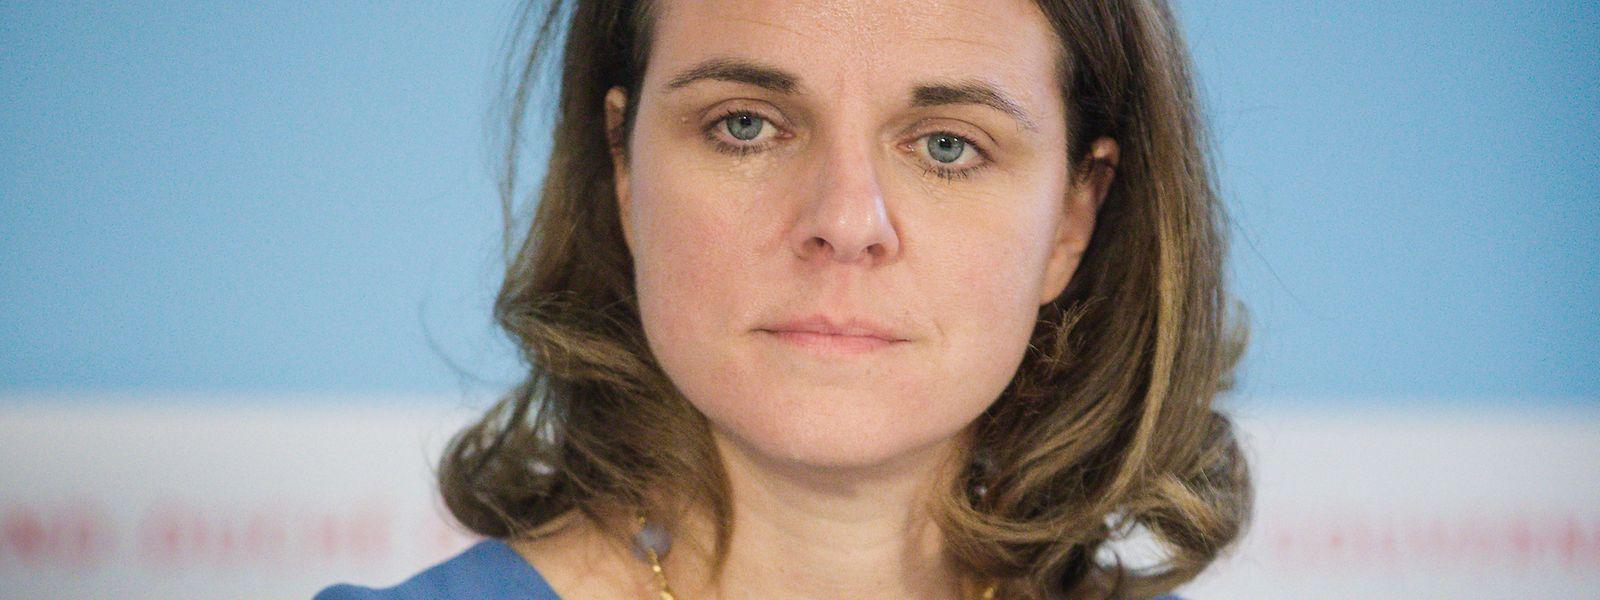 Corinne Cahen steht wegen einer E-Mail an den hauptstädtischen Geschäftsverband UCVL und ihrer Airbnb-Wohnung in der Kritik.